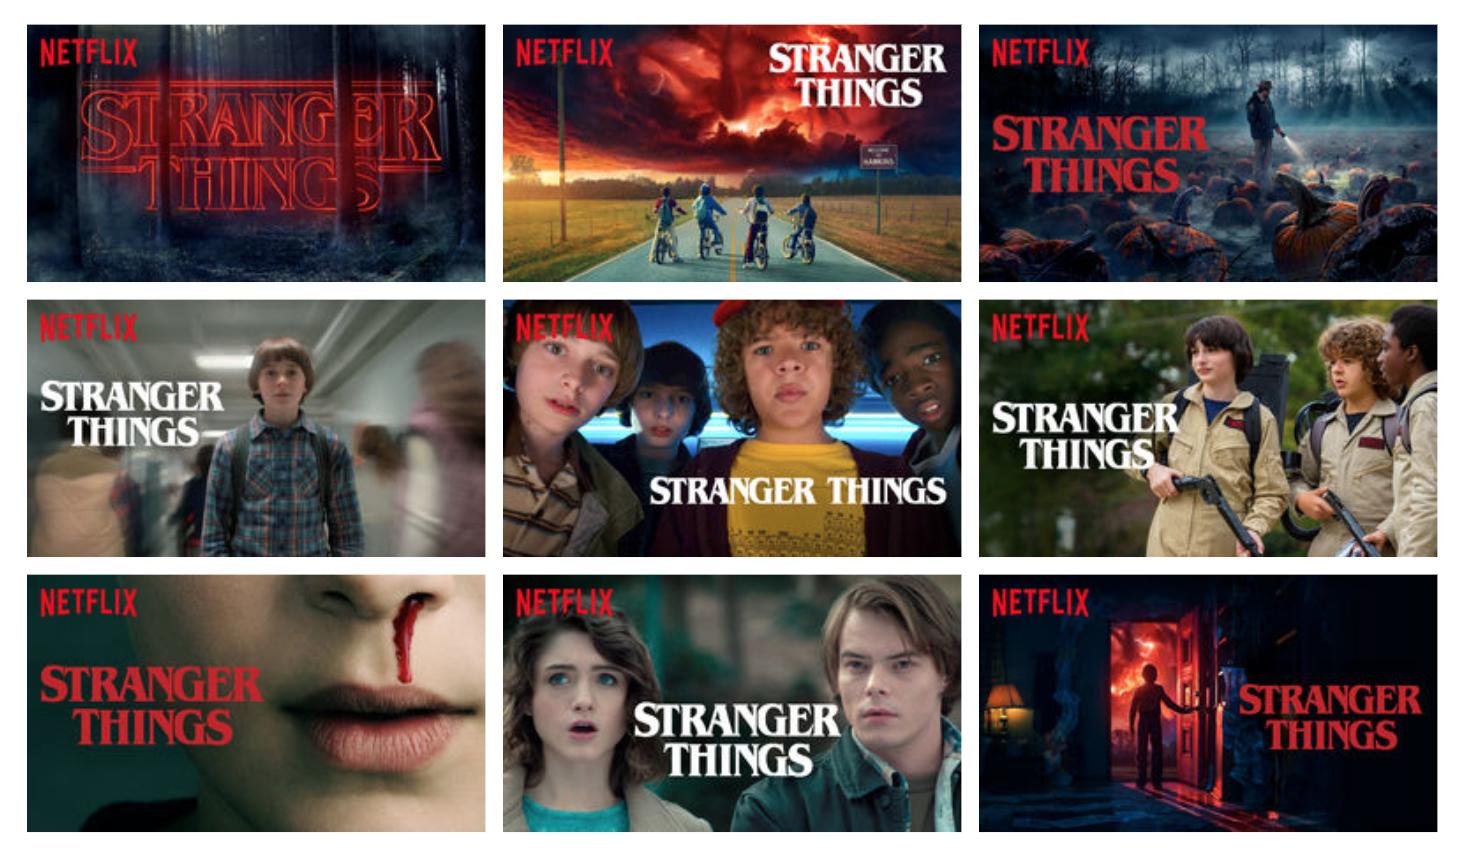 Netflix Banner Ads